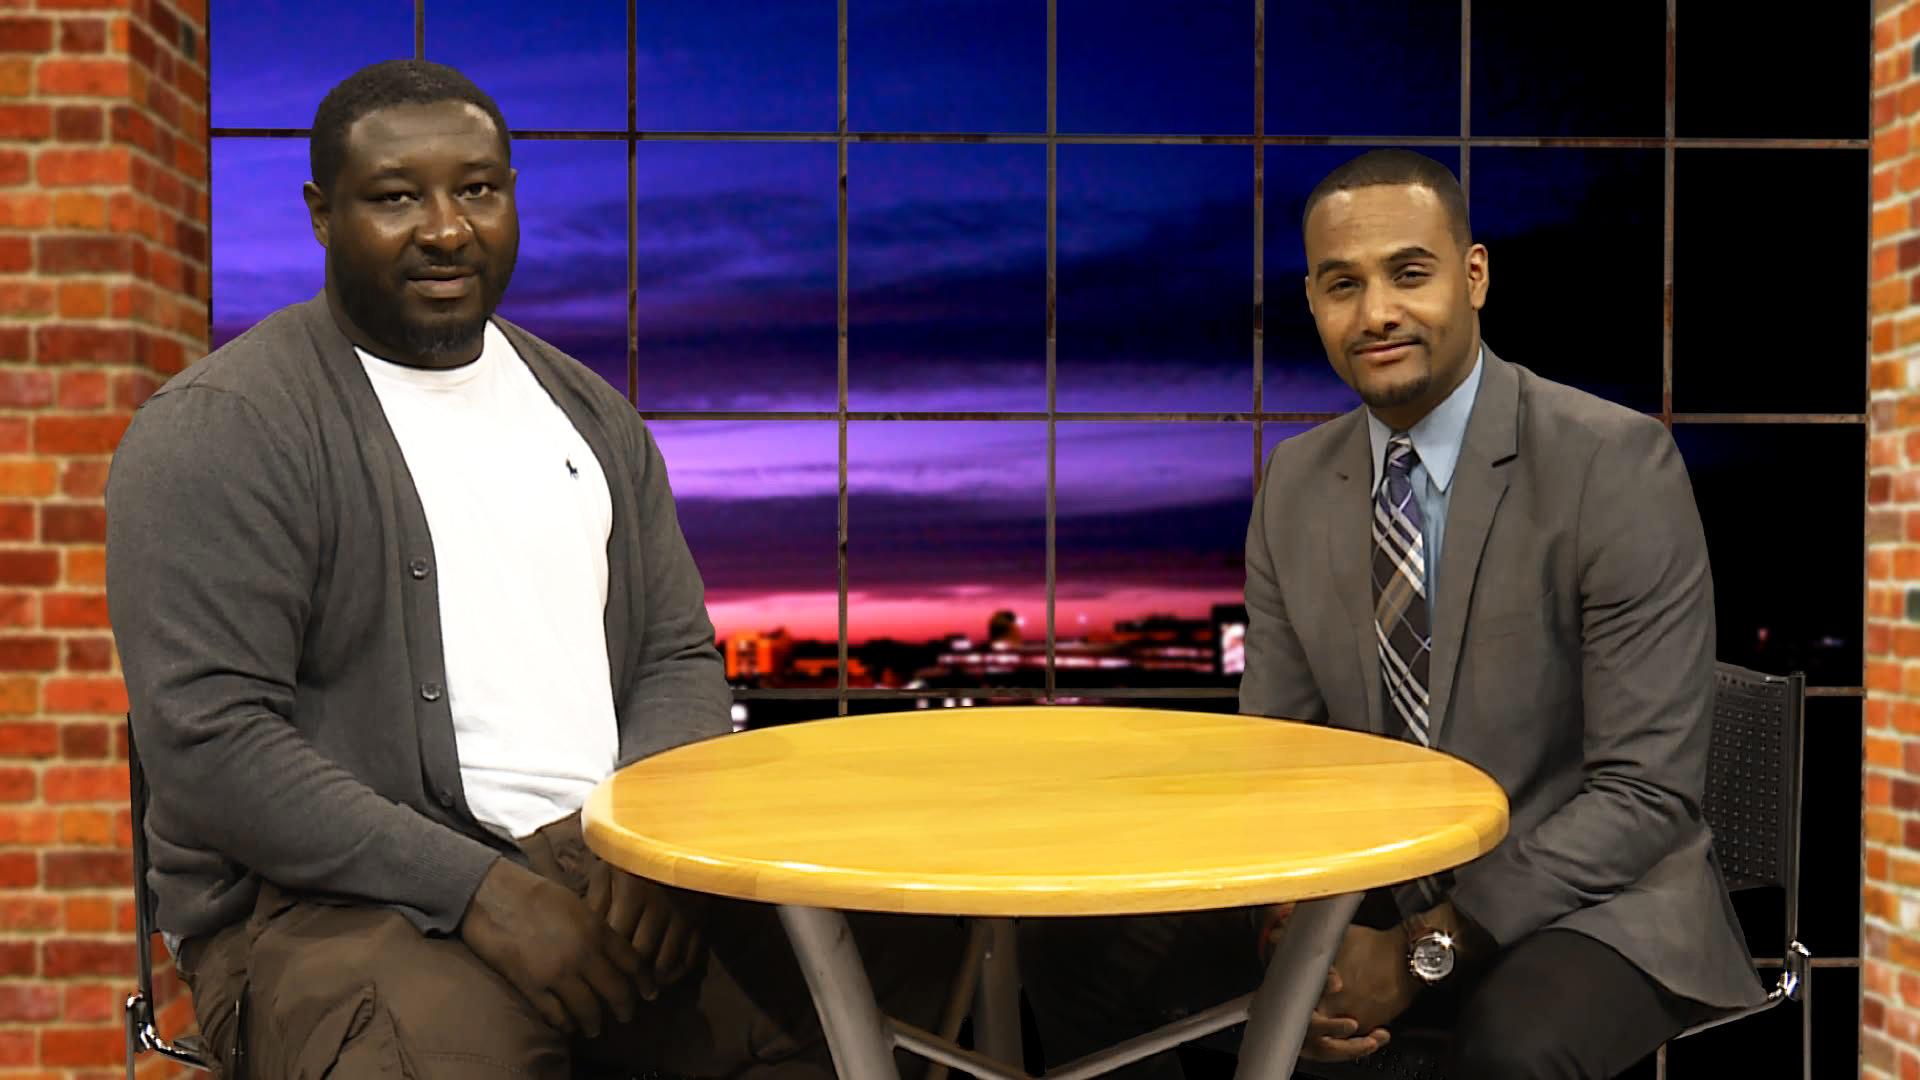 Kelvin Torbert on set with Al Micheal (WKAR Sports Talk).